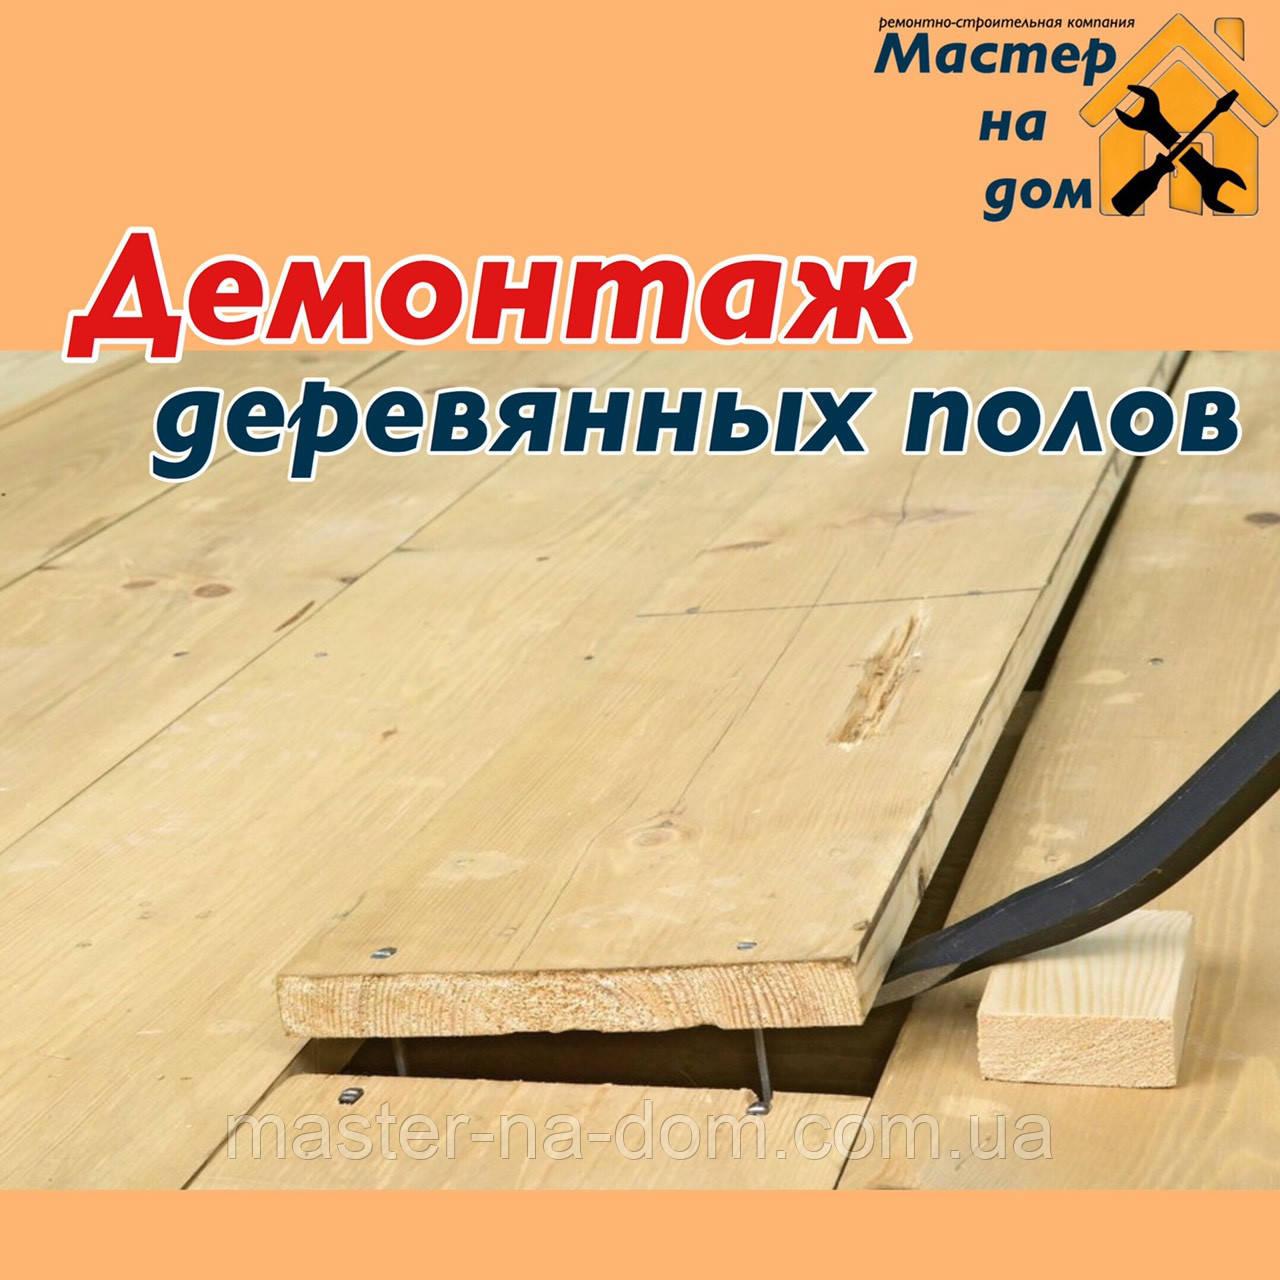 Демонтаж деревянных,паркетных полов в Ровном